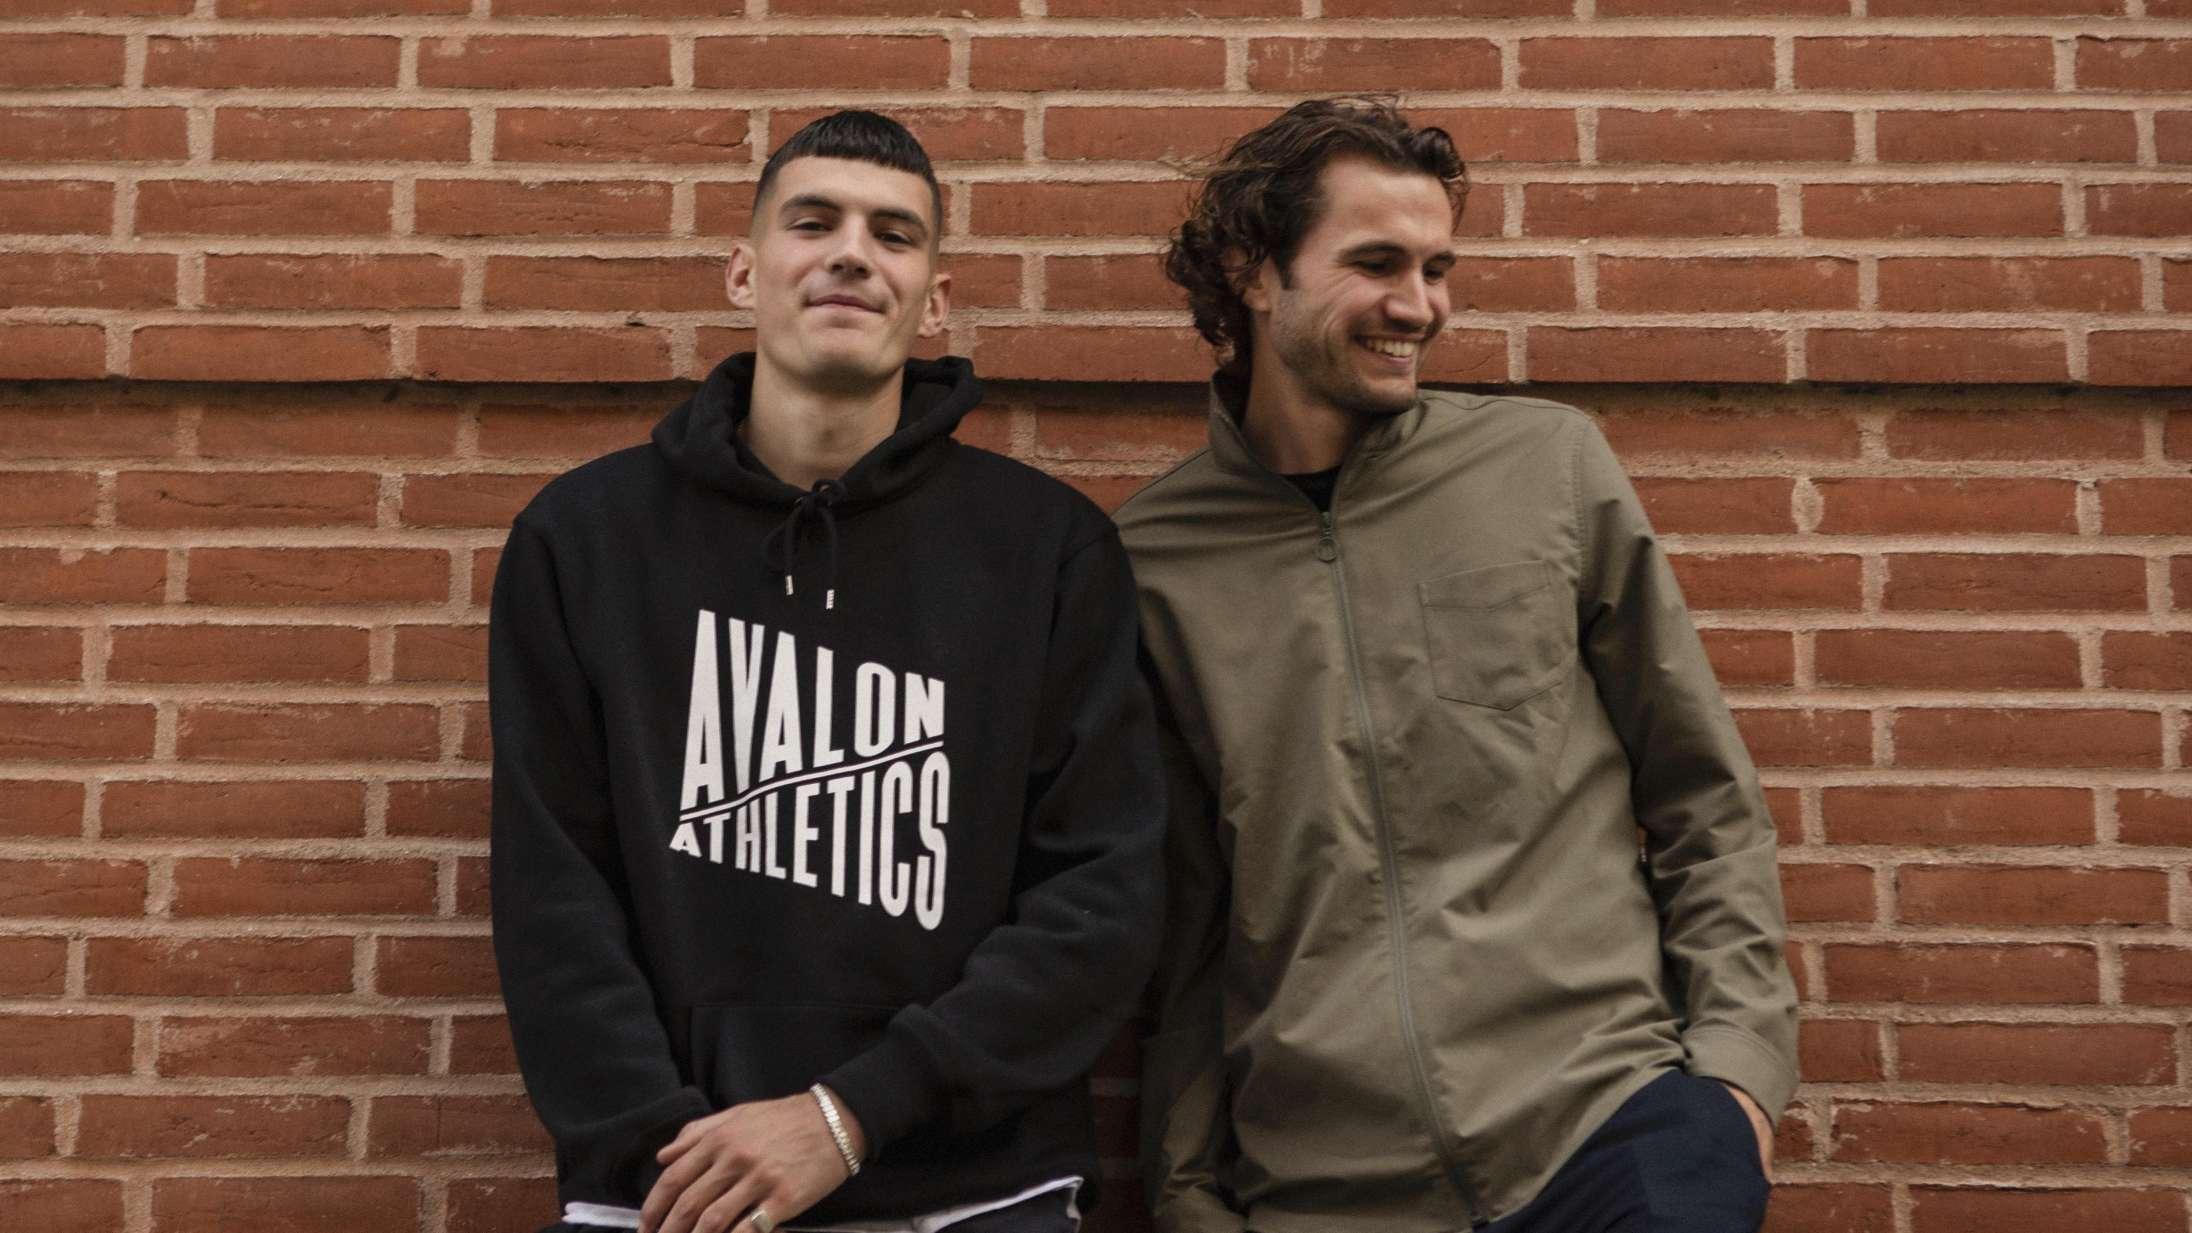 Hvordan en filosofistuderende og en skater blev to af Danmarks største hiphopproducere